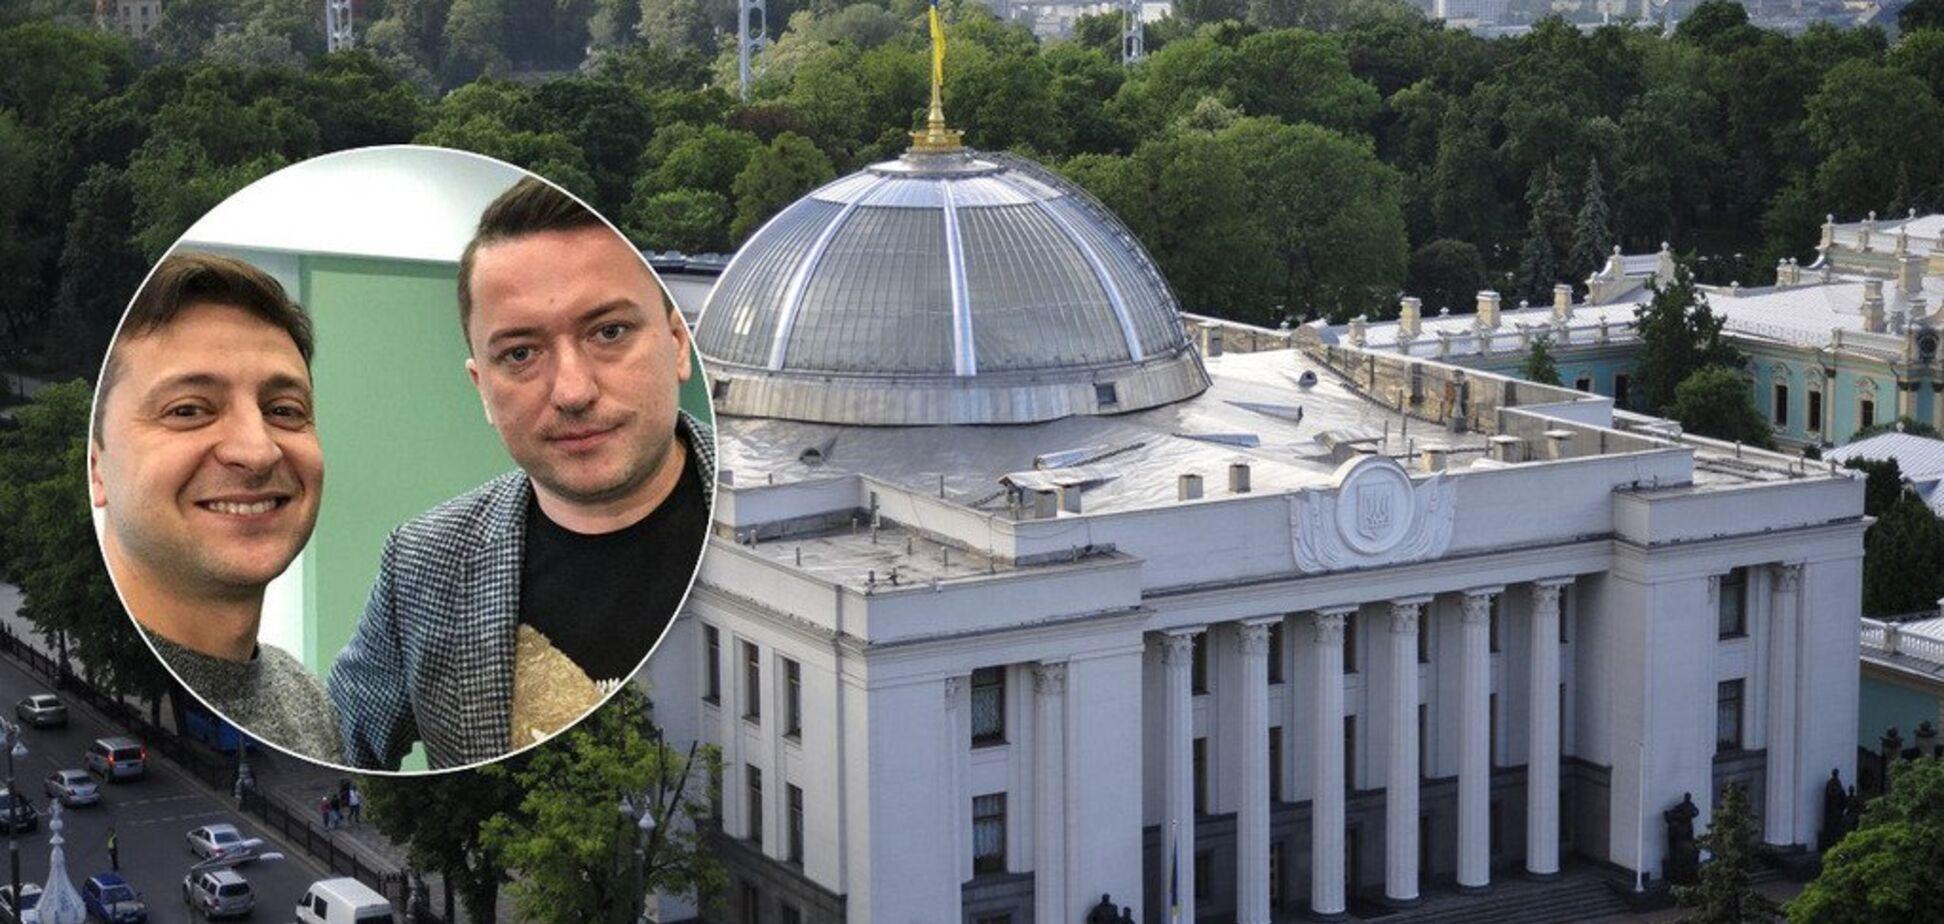 У нас немає божевільних: заступник голови ''Слуги'' про конфлікт із Богданом, ринок землі та амністію